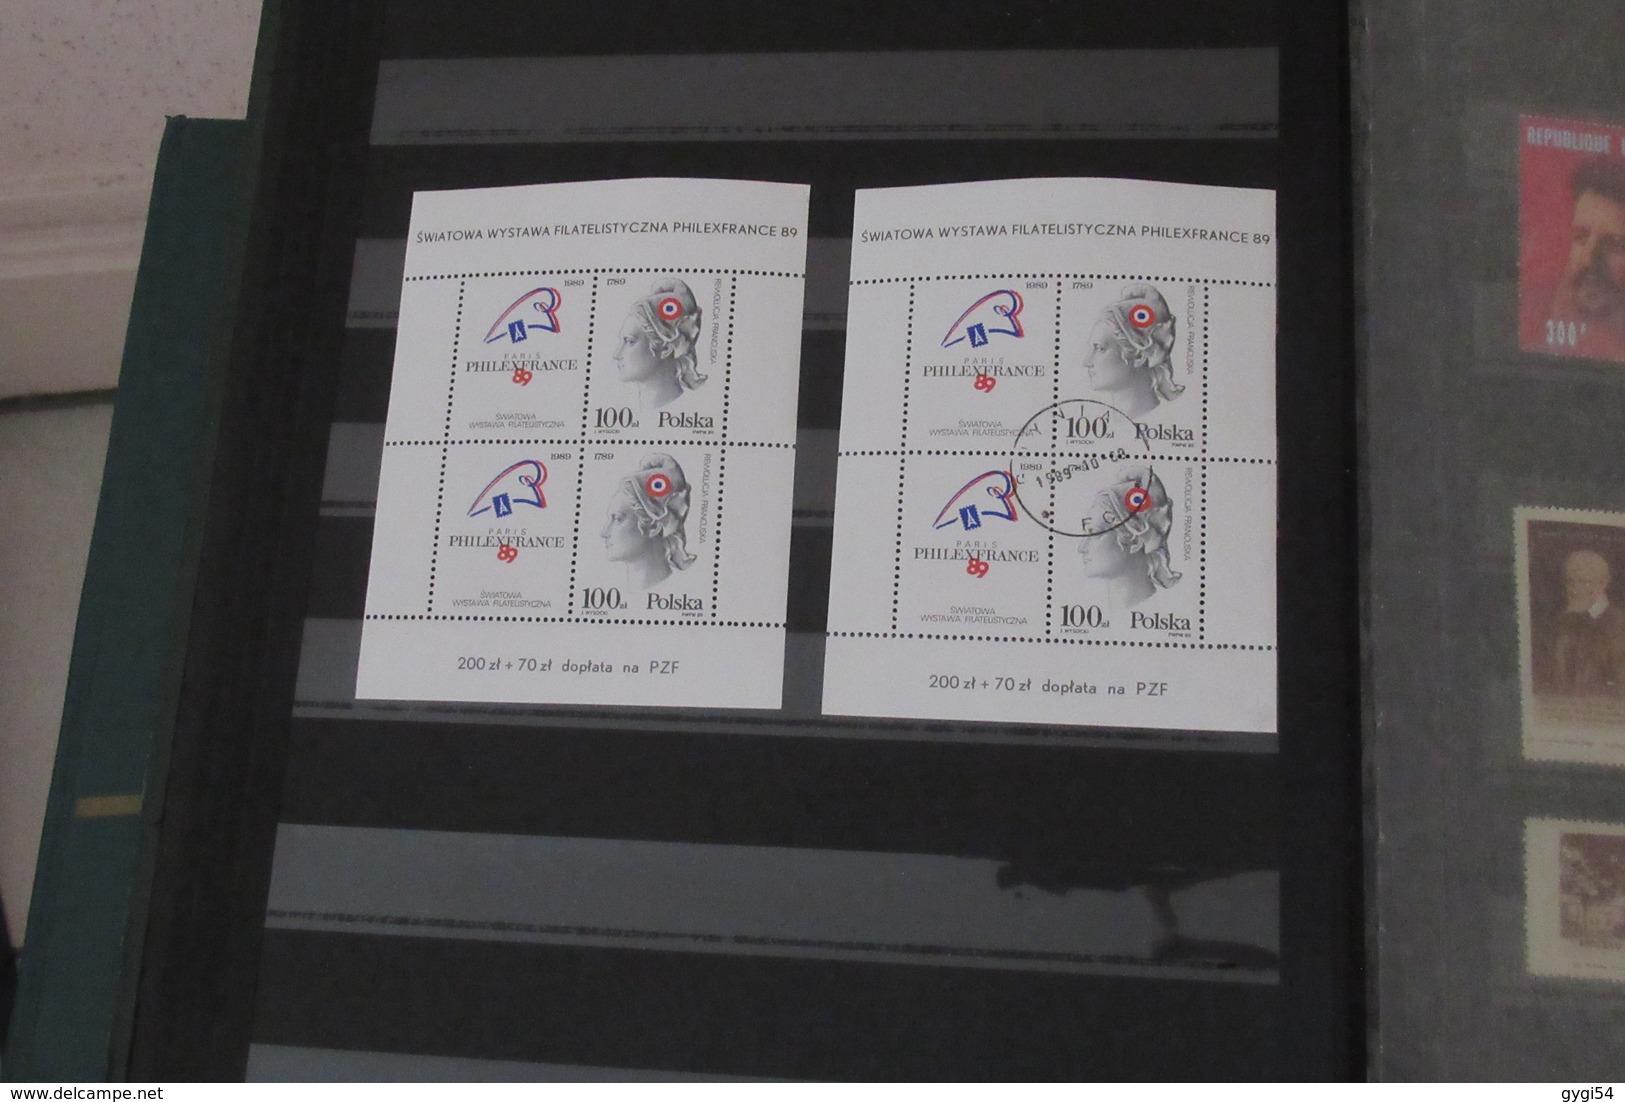 4 Classeurs à Bandes France Oblitérés , N*   MLH , Etats - Unis   , Divers  67  Scans - Timbres